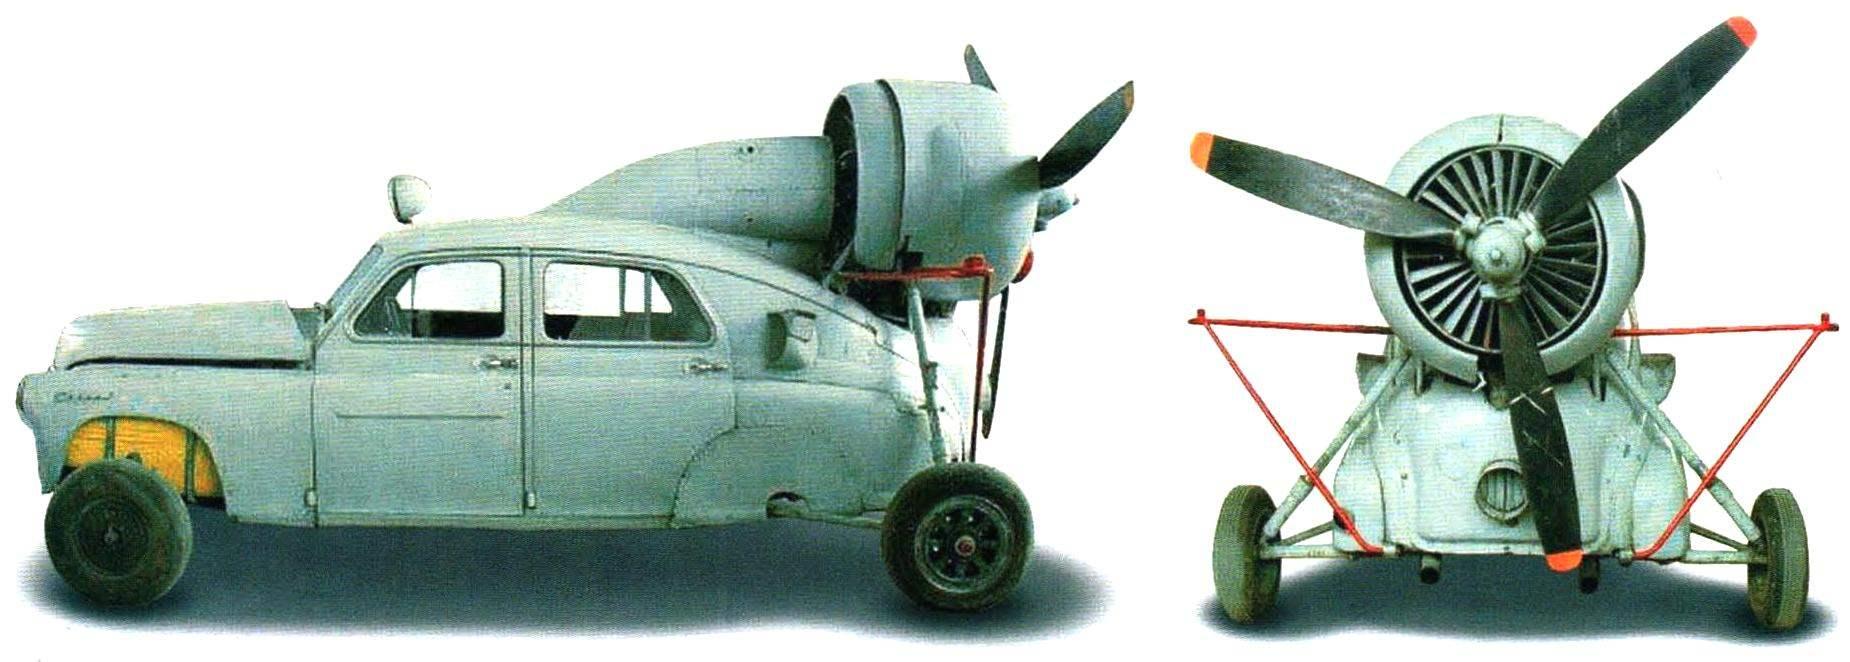 Аэросани «Север-2» на выкатном шасси - экспонат Музея ВВС России (Монино)